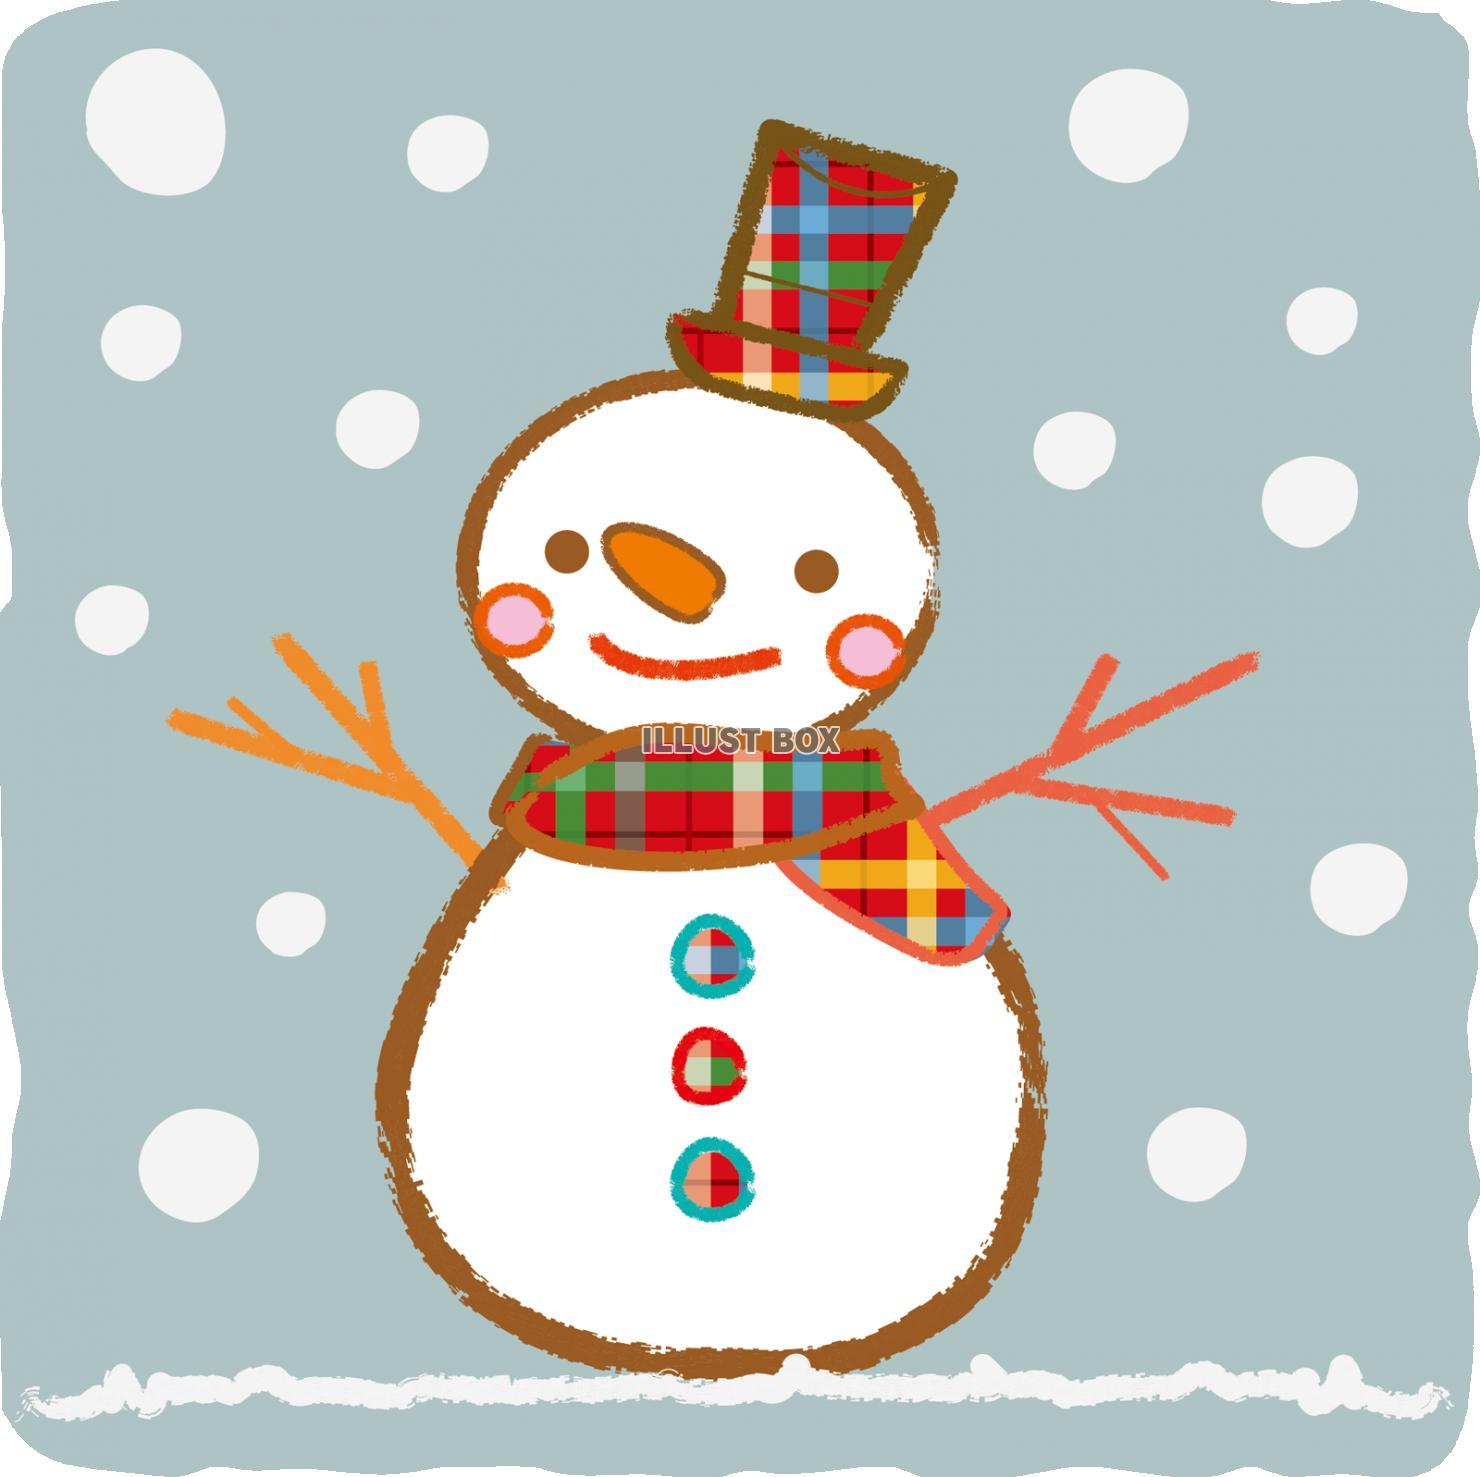 無料イラスト 雪だるま雪イラスト冬手書きシルエットかわいいシ